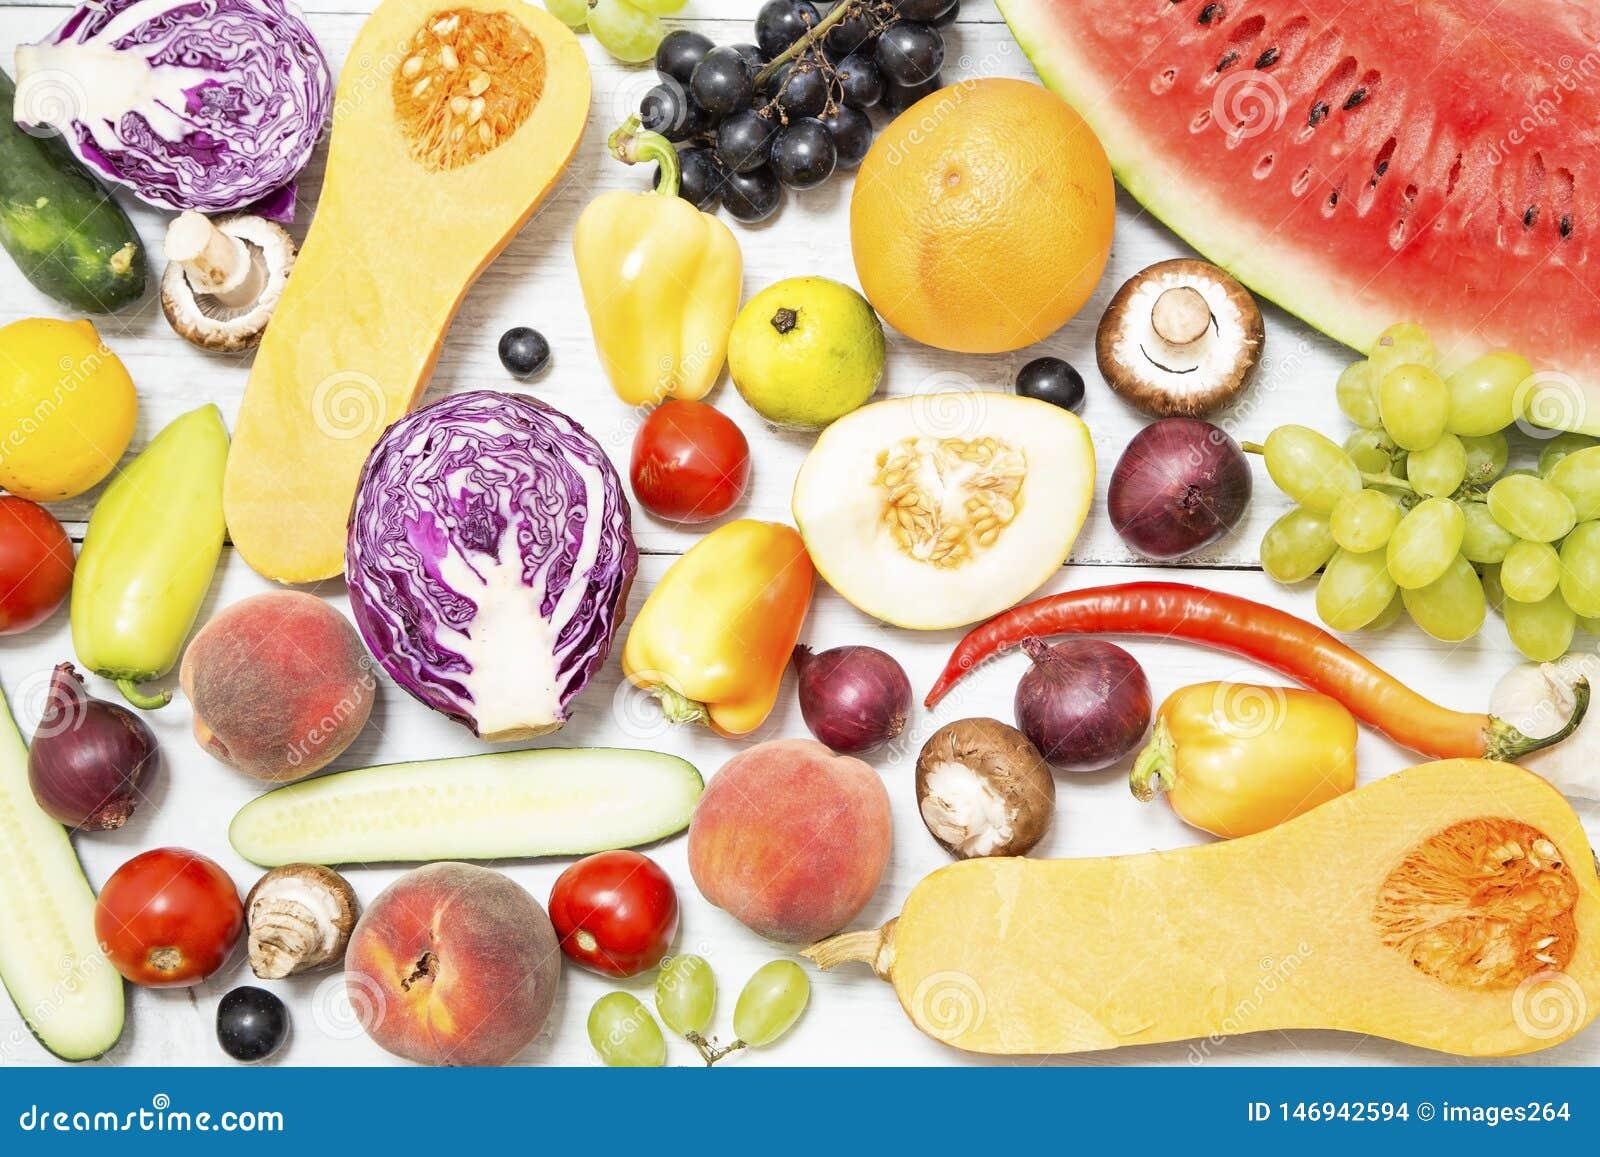 Различные фрукты и овощи